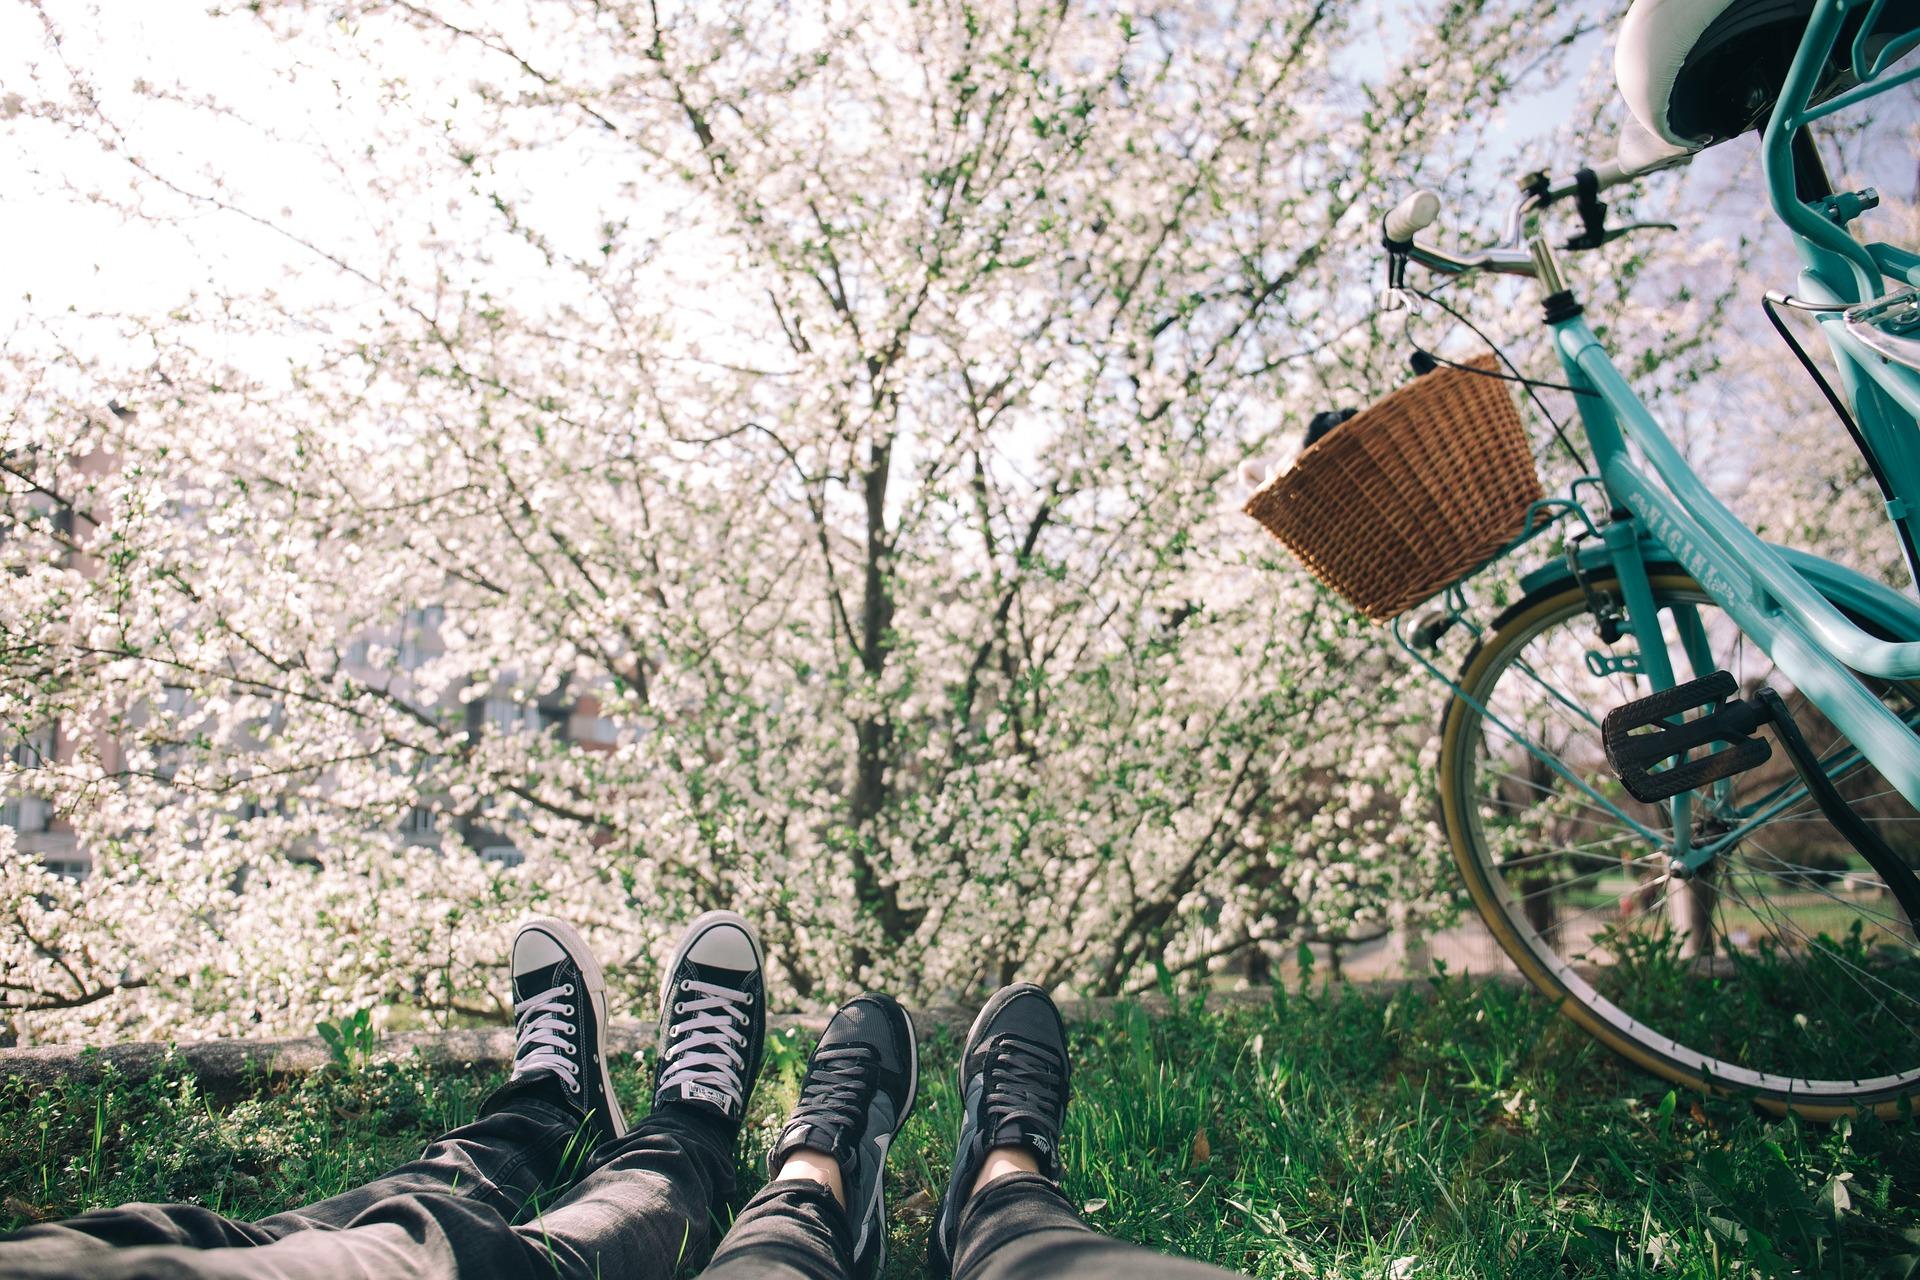 Zwei Menschen sitzen auf grünem Gras, es sind nur die Unterschenkel und Füße zu sehen. Rechts daneben ist ein türkises Fahrrad mit Korb. Im Hintergrund sieht man einen blühenden Baum.